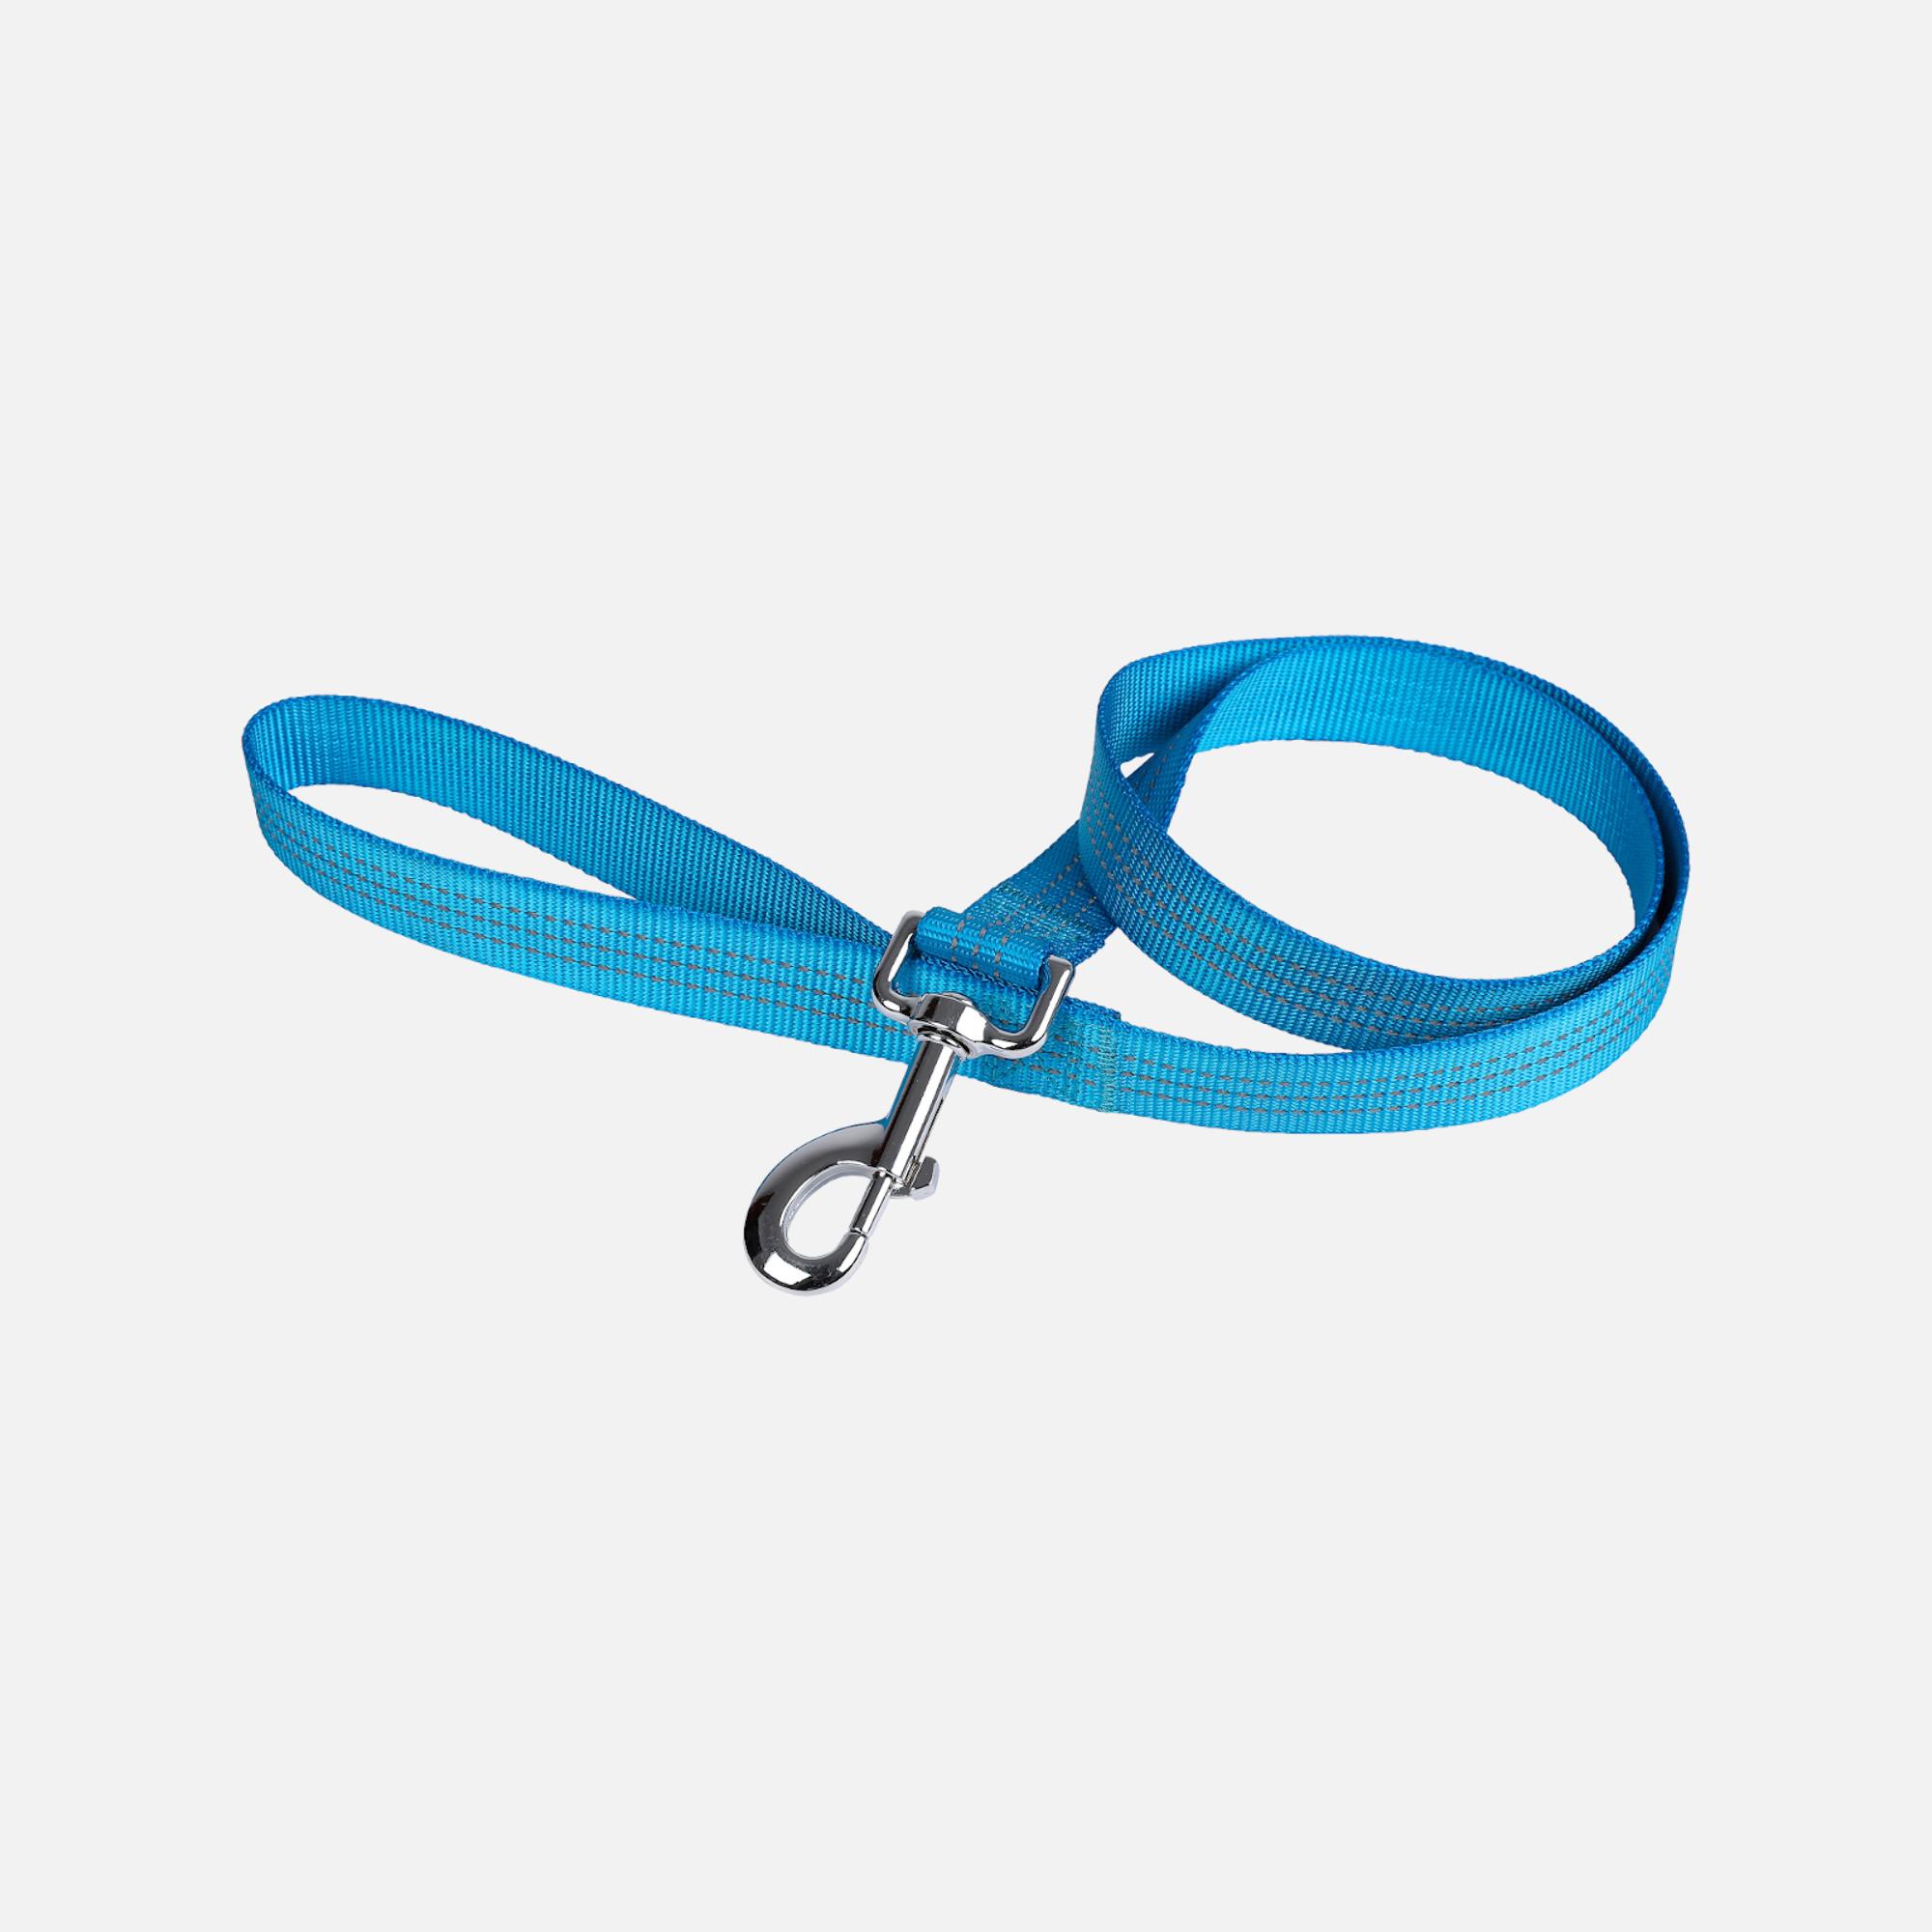 Laisse protect bleu 20mmx1m de wouapy